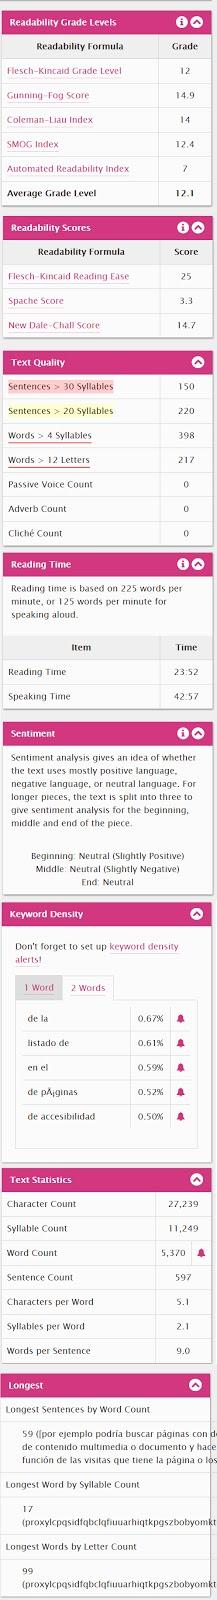 Resultado de una evaluación con Readability Score, muestra la información antes enumerada.